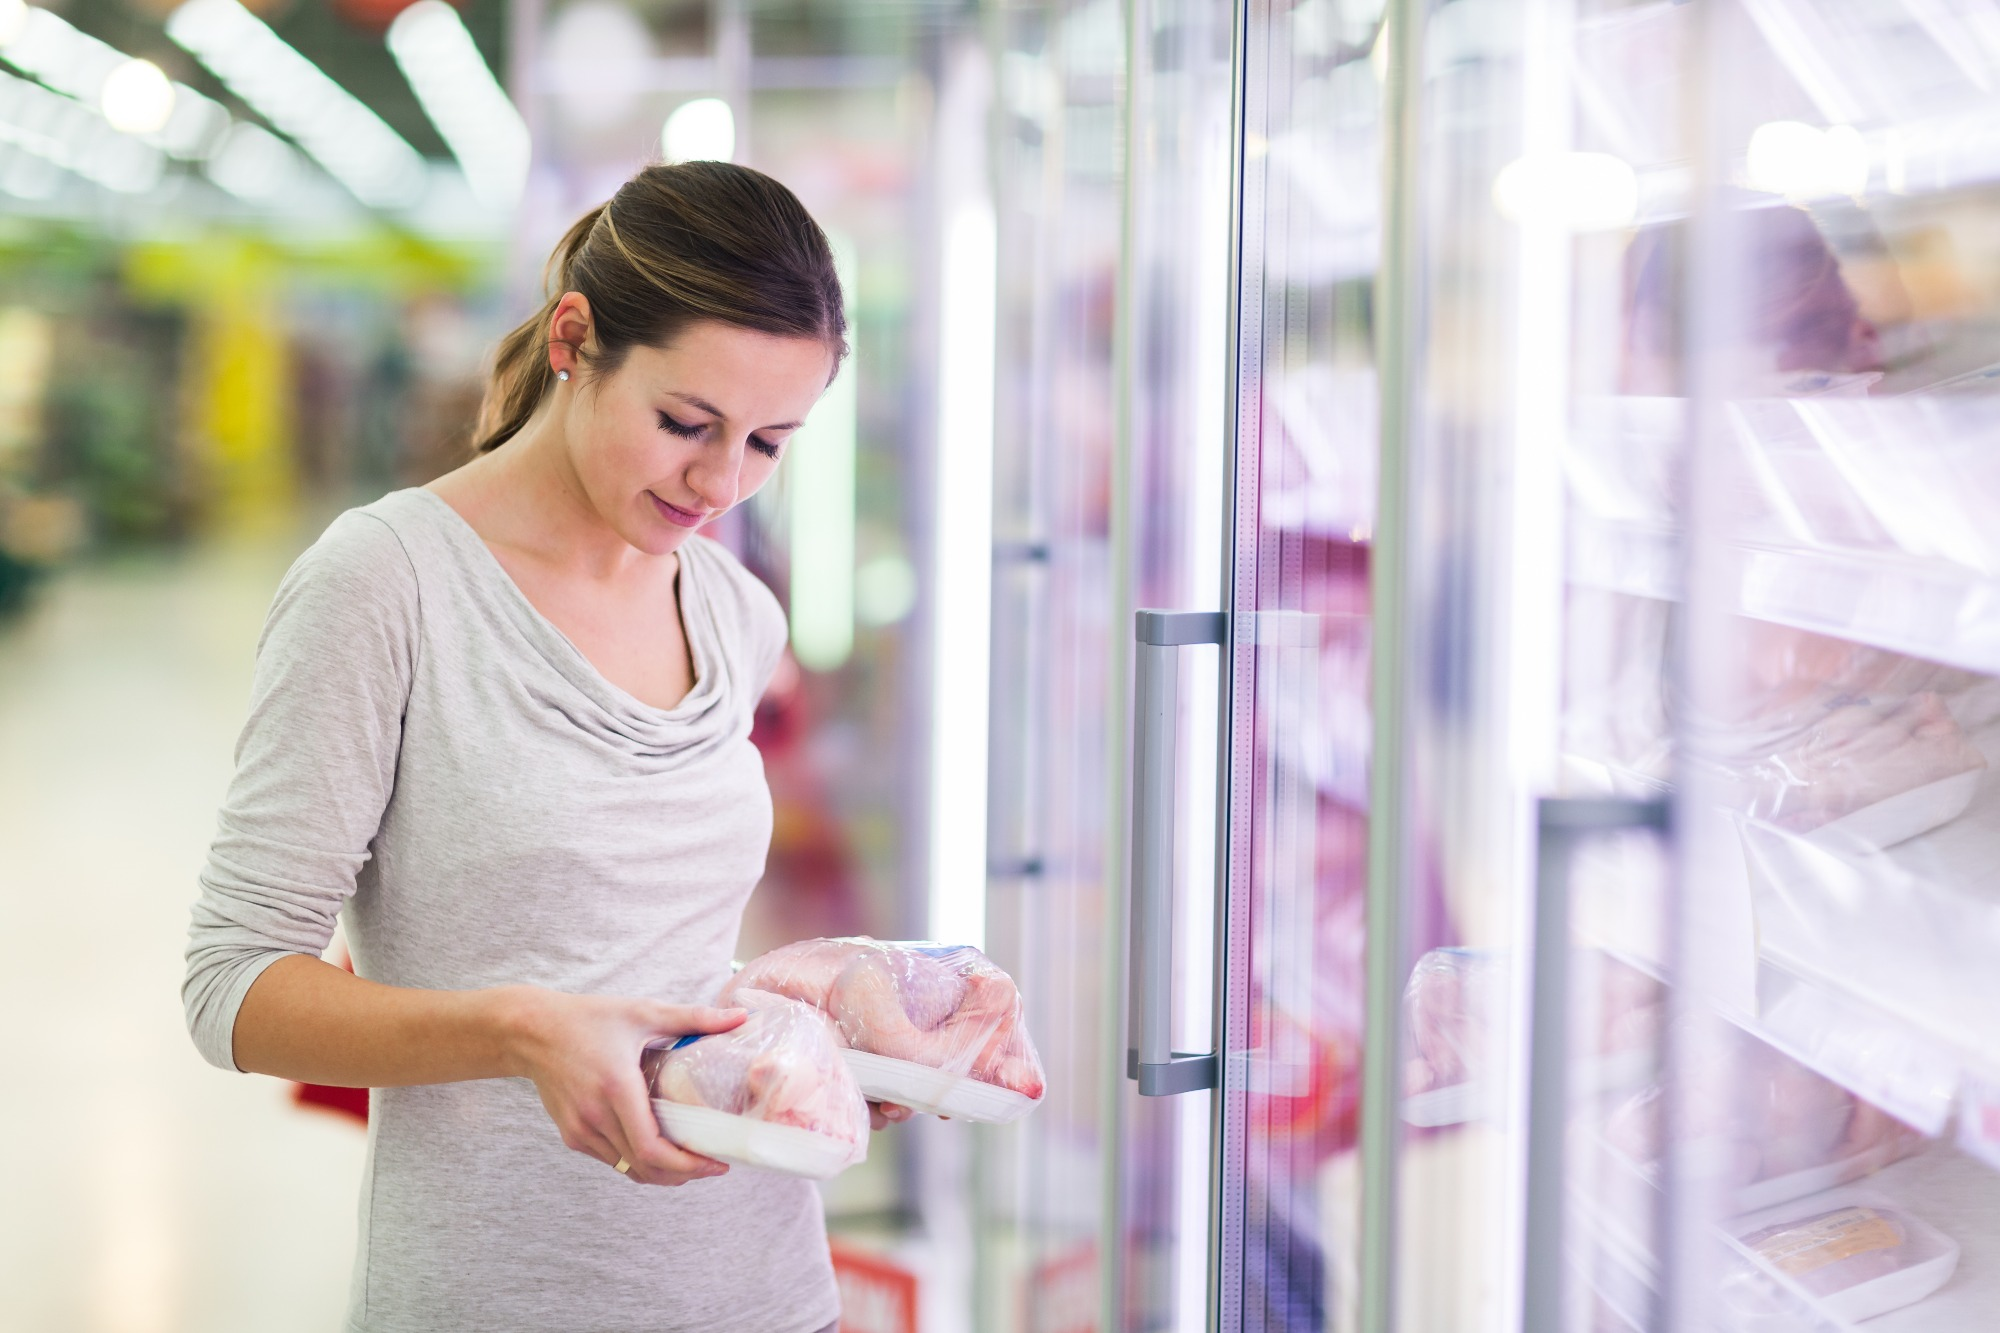 Preços das carnes sobem devido festas de final de ano